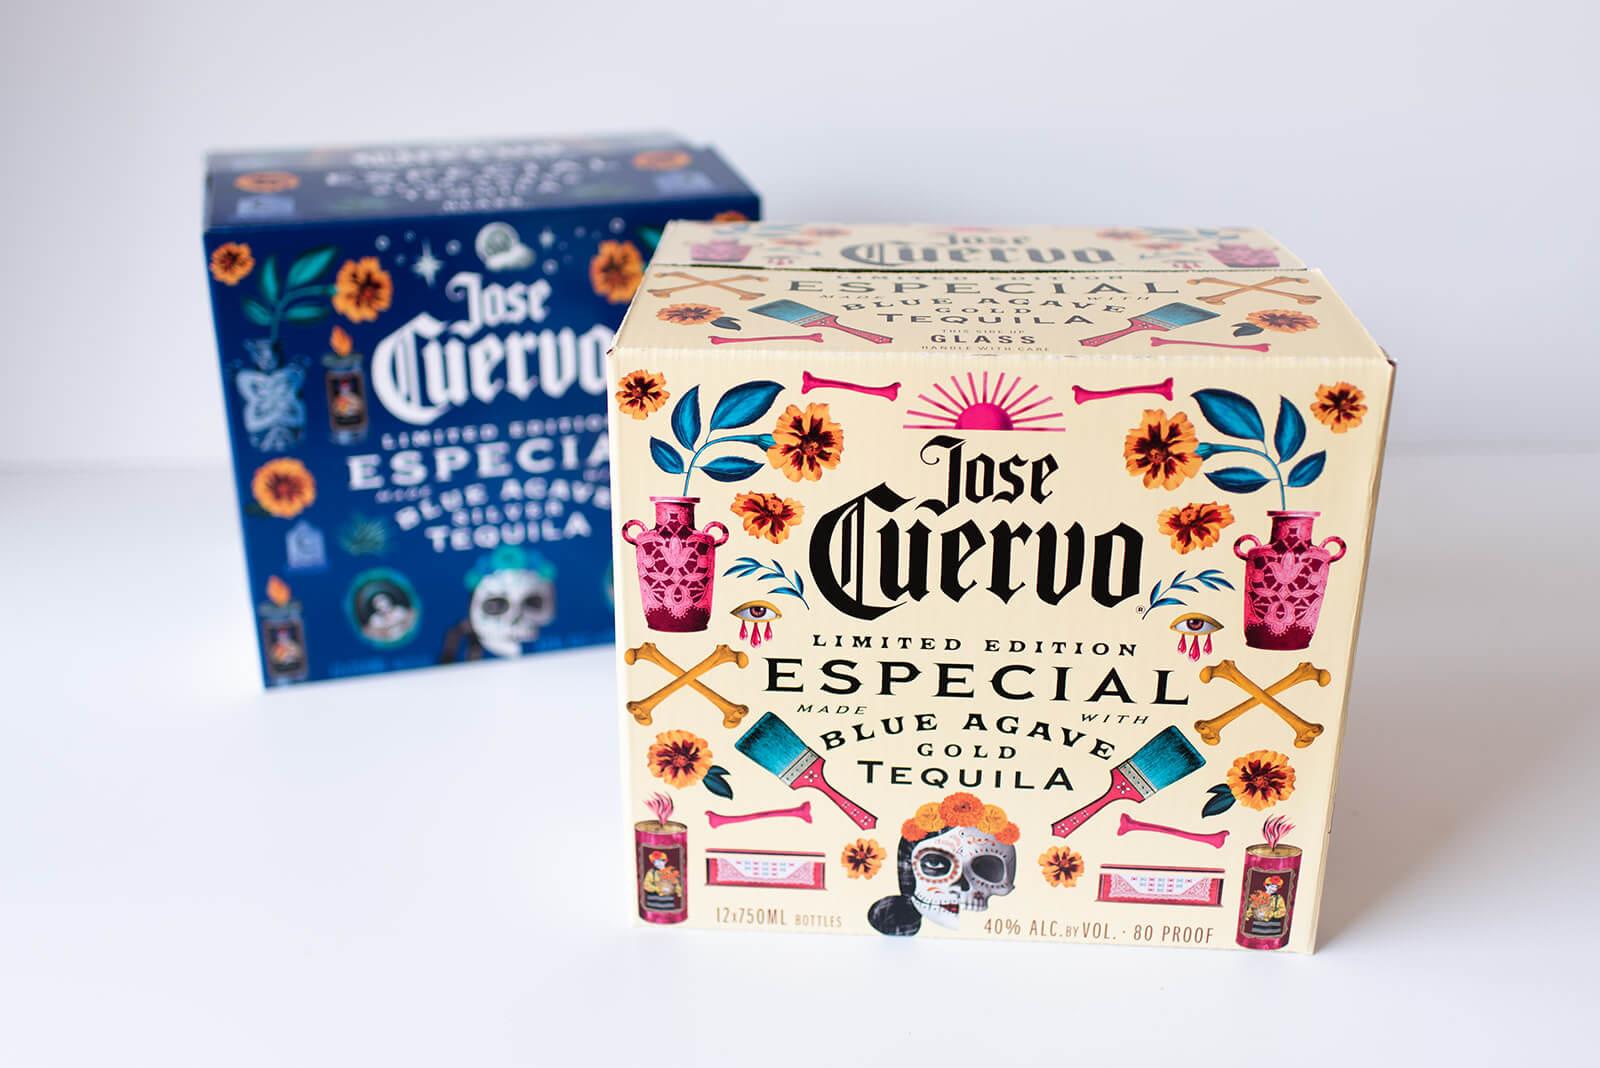 Jose Cuervo custom branded packaging